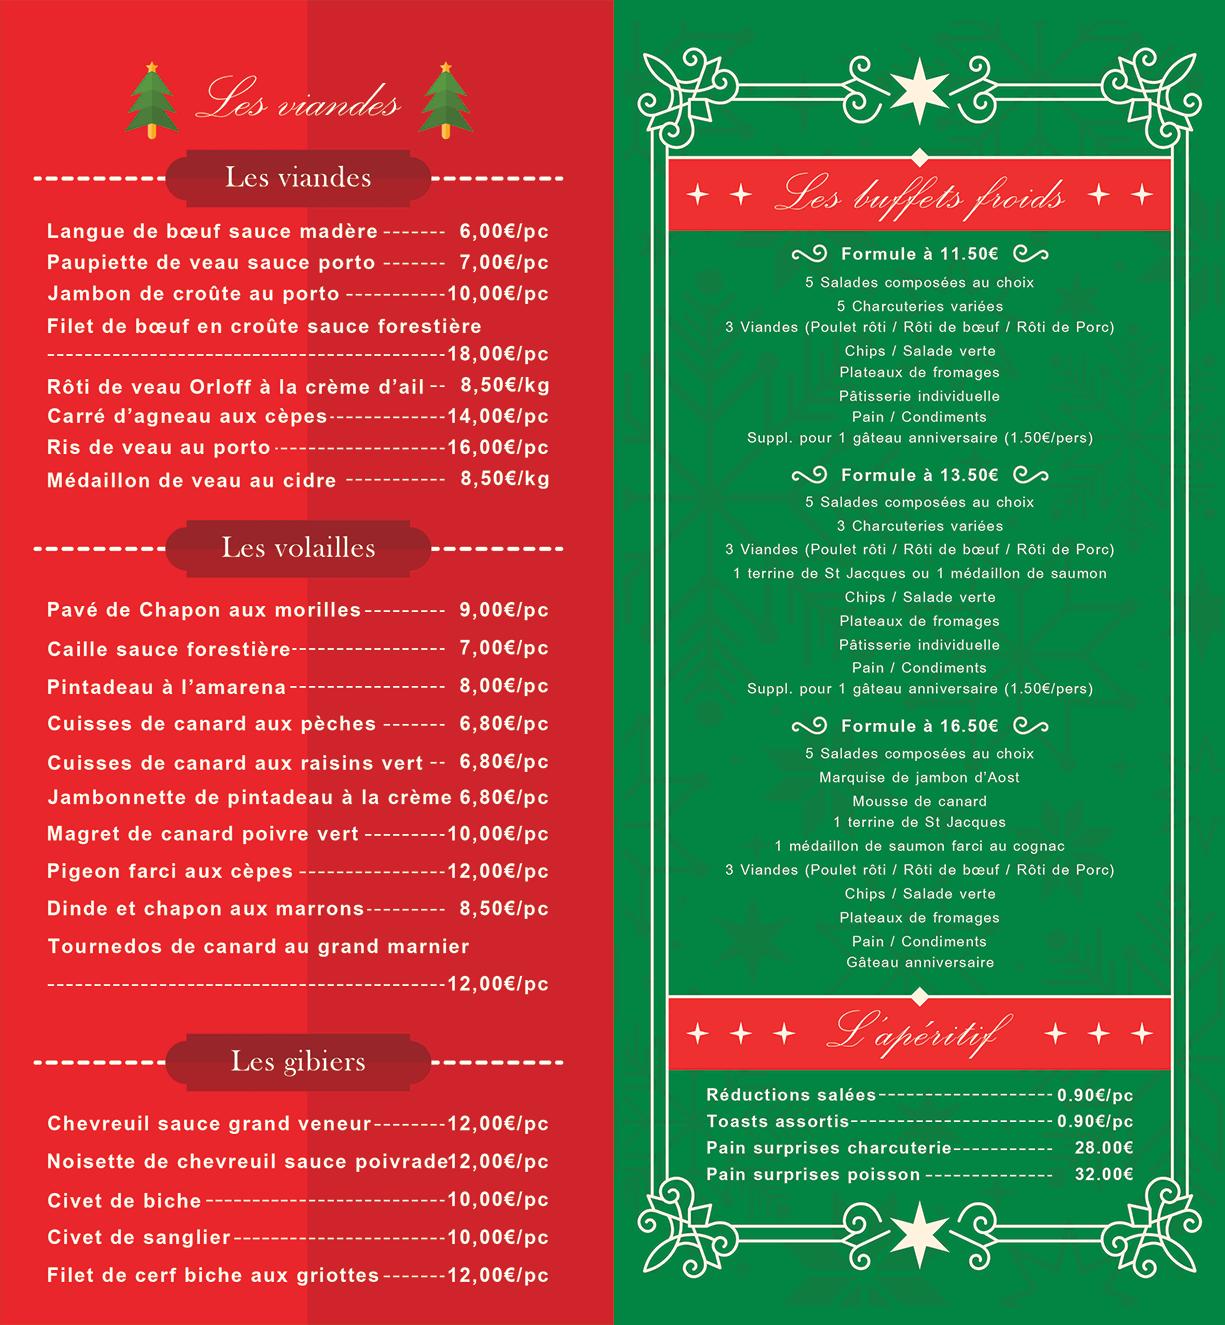 menu_fetes-03